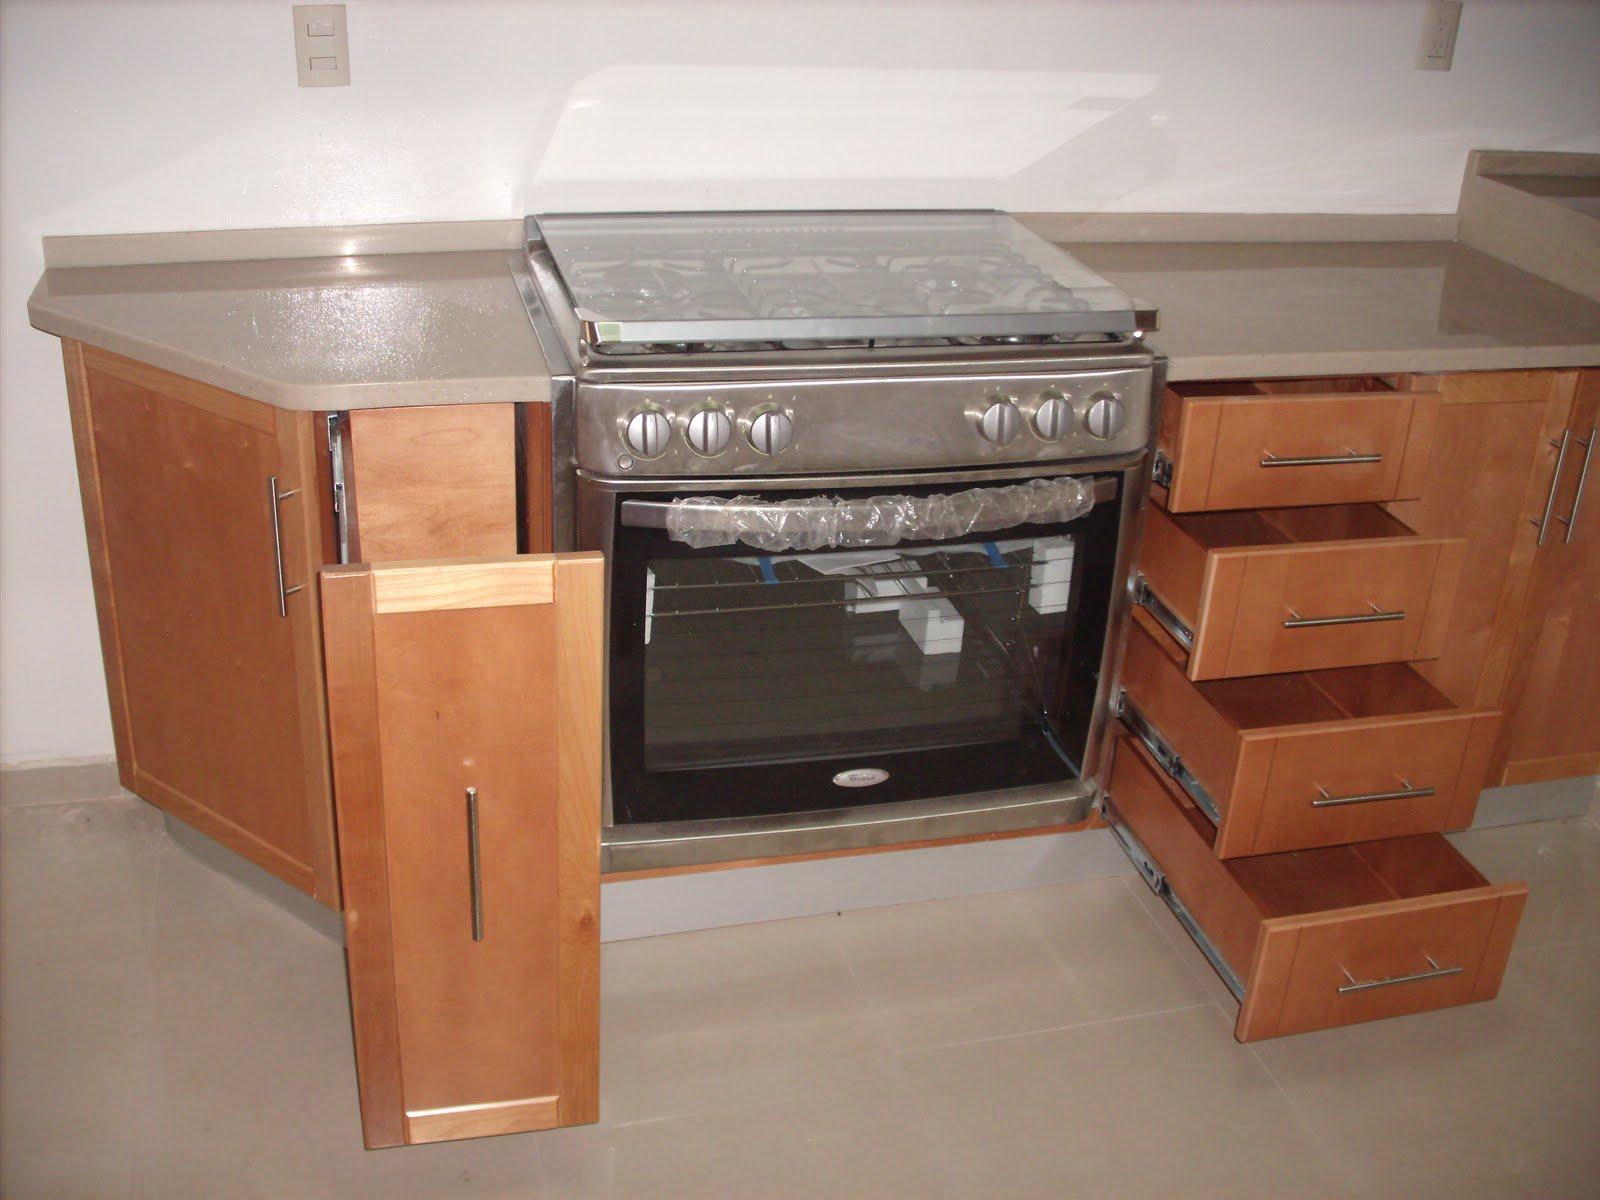 heynez cocinas modernas: Cocina en maple solido natural